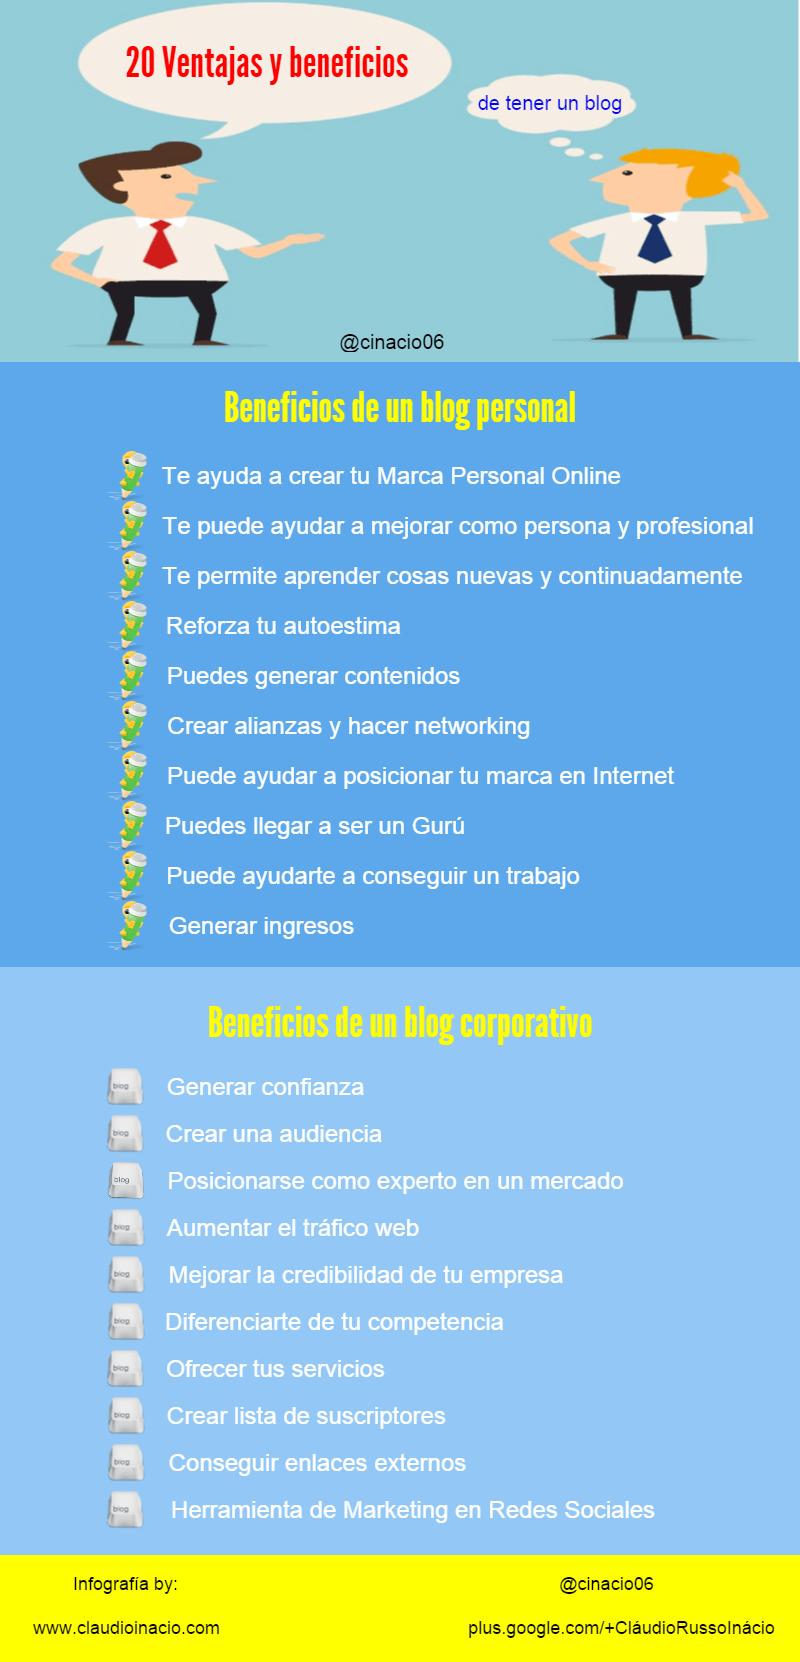 20 beneficios de tener un #blog. #Infografia